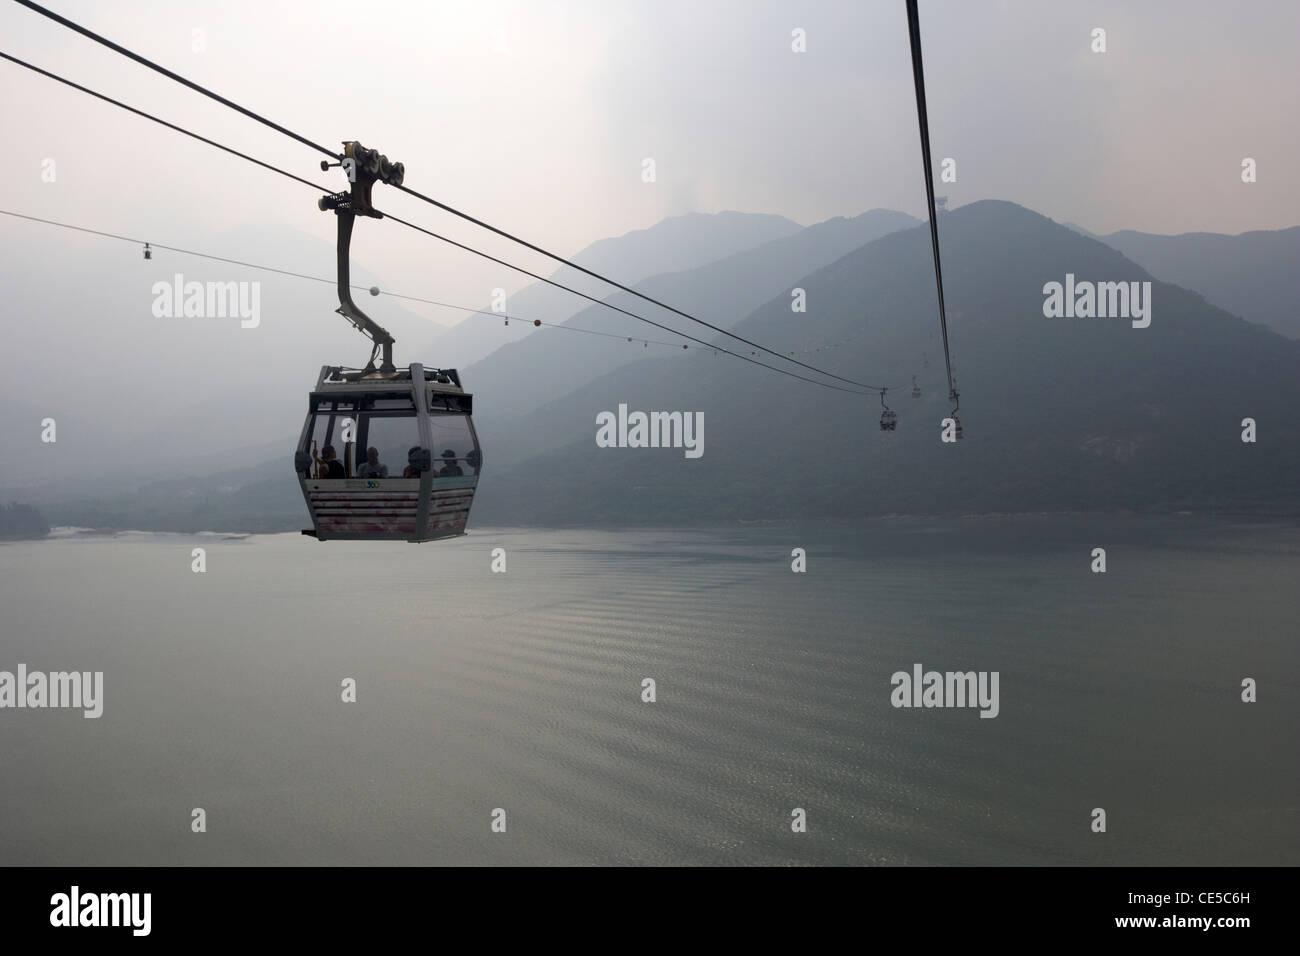 ngong ping 360 cable car over tung chung bay lantau island hong kong hksar china asia - Stock Image